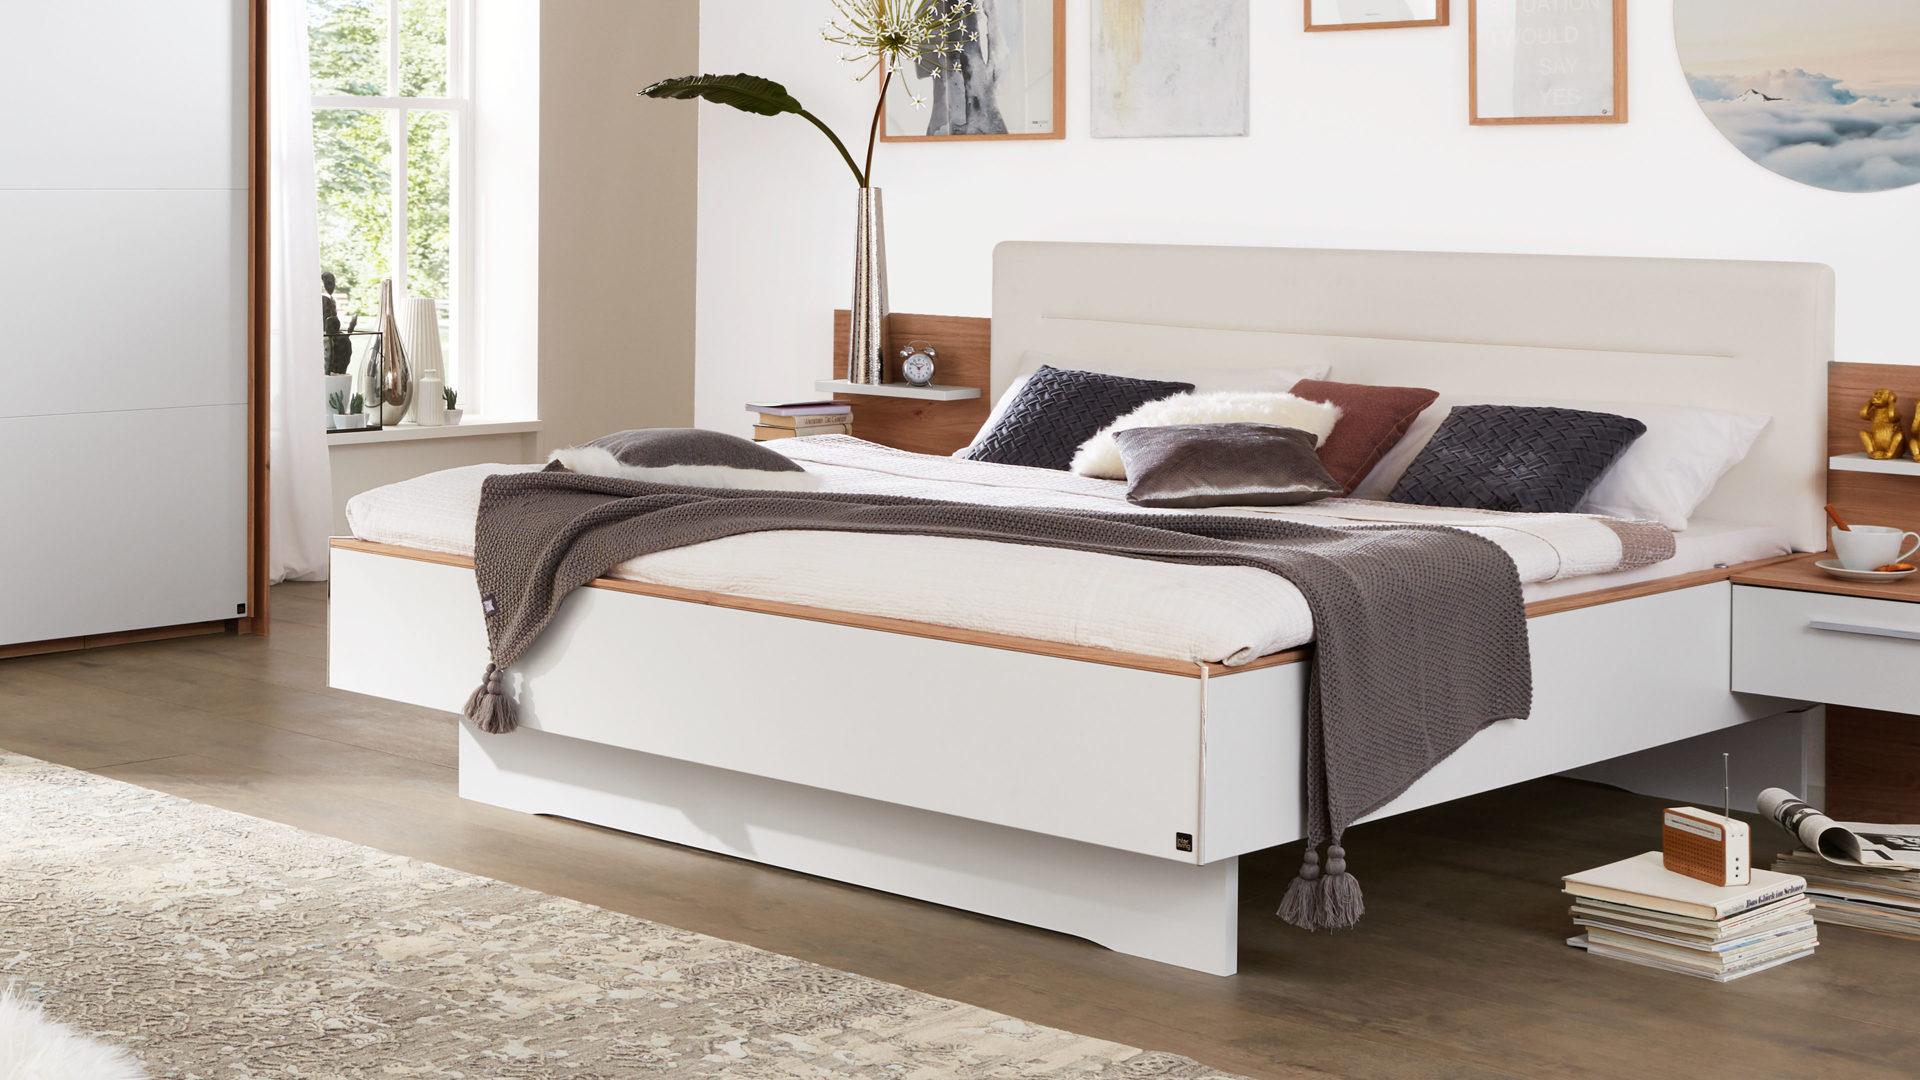 Interliving Schlafzimmer Serie 1011 – Doppelbettgestell, Jackson  hickoryfarbene & weiße Kunststoffoberflächen – Liegefläc